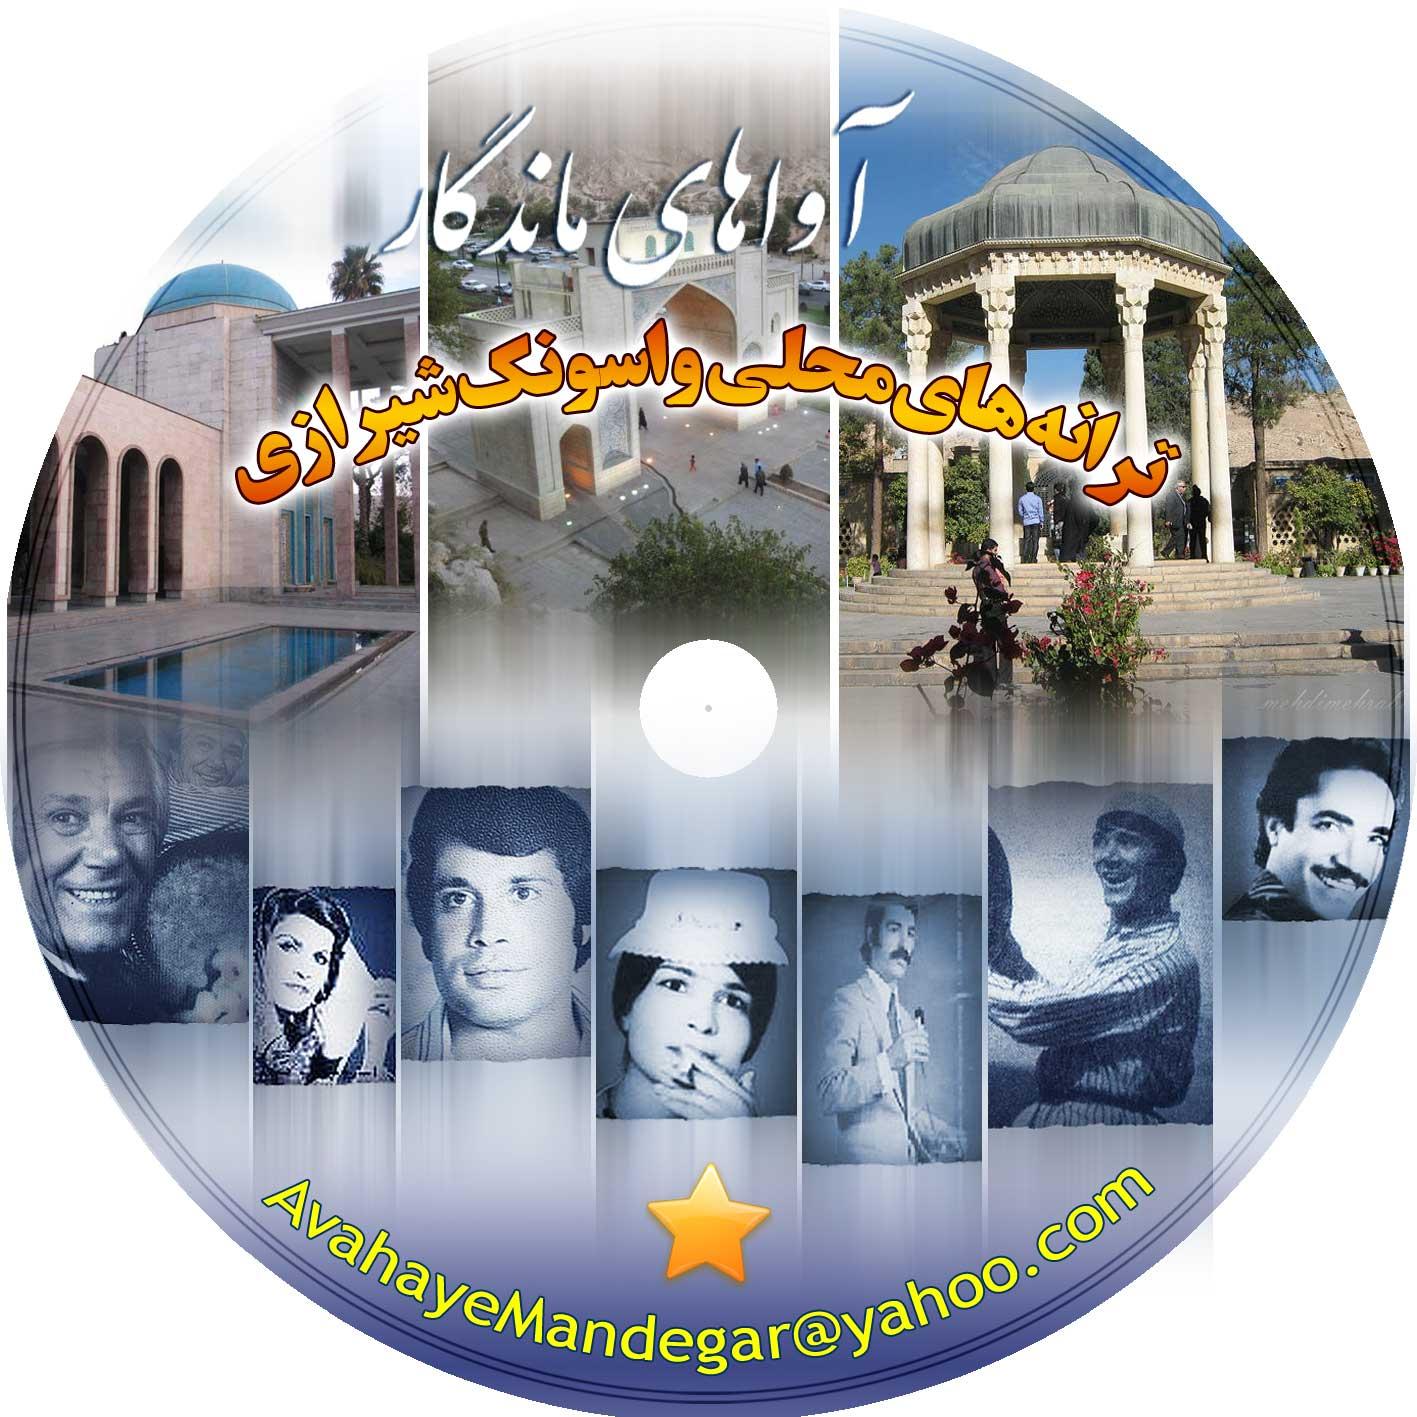 محلی  و واسونک شیرازی